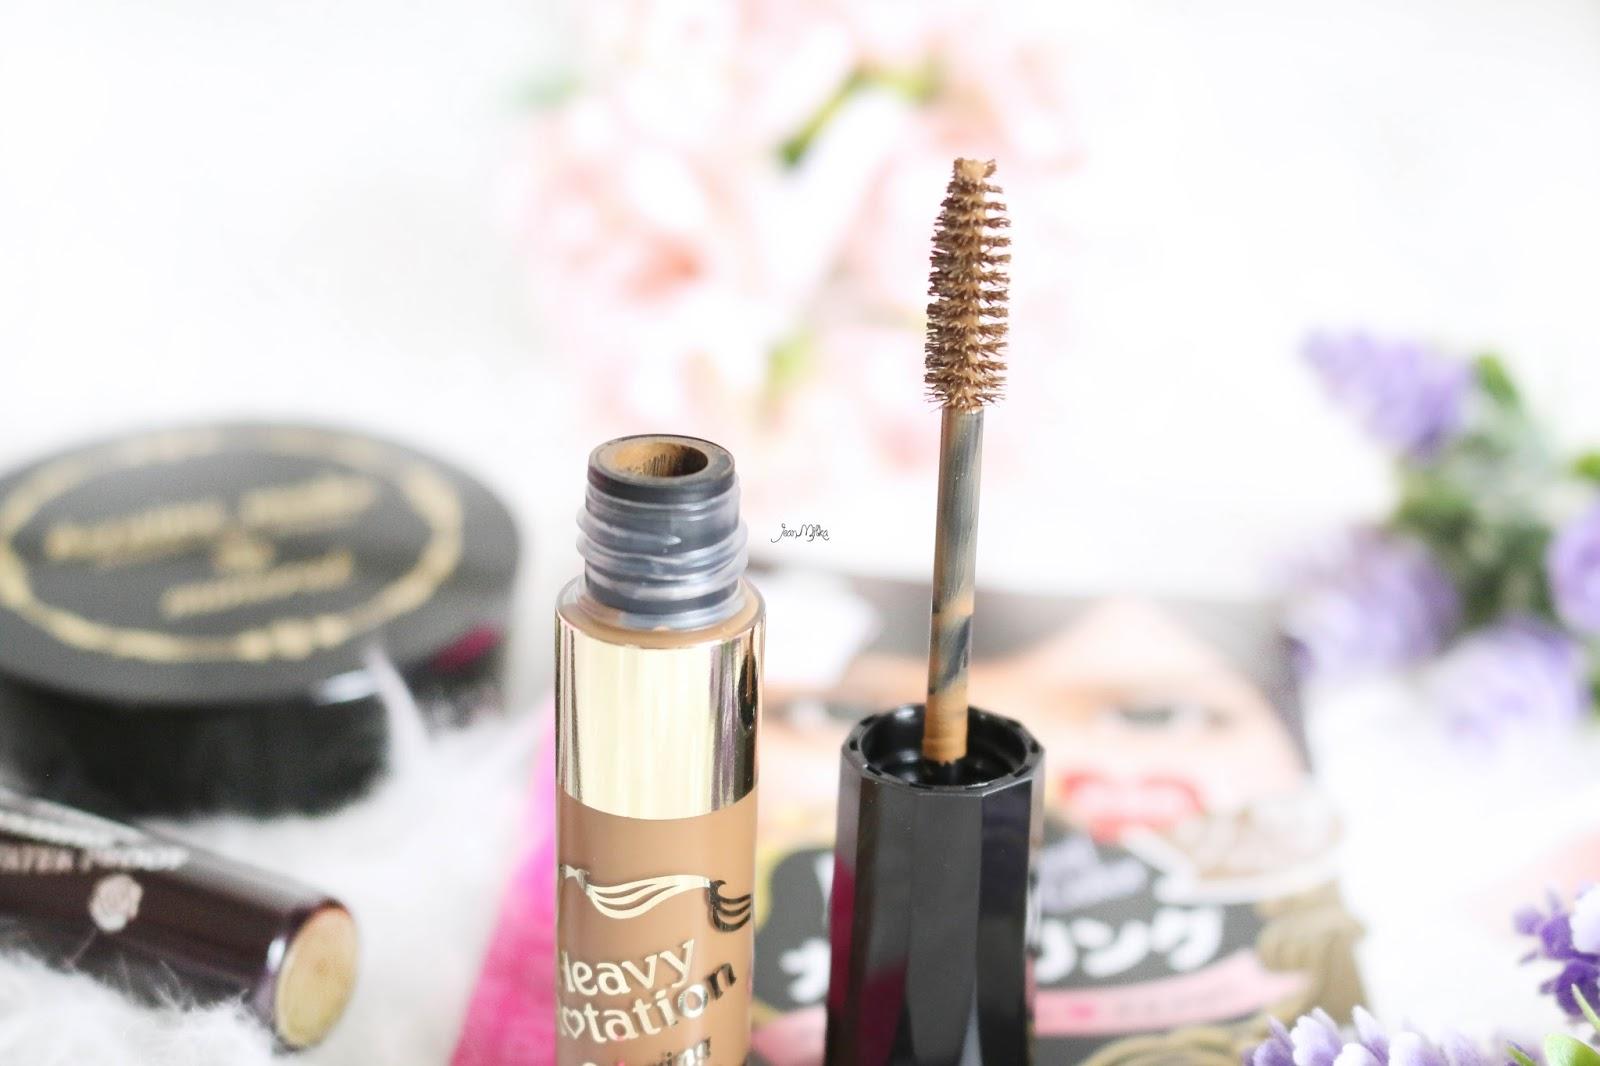 makeup, drugstore, makeup murah, review, beauty, beauty blog indonesia, makeup pemula, makeup untuk pemula, makeup murah indo